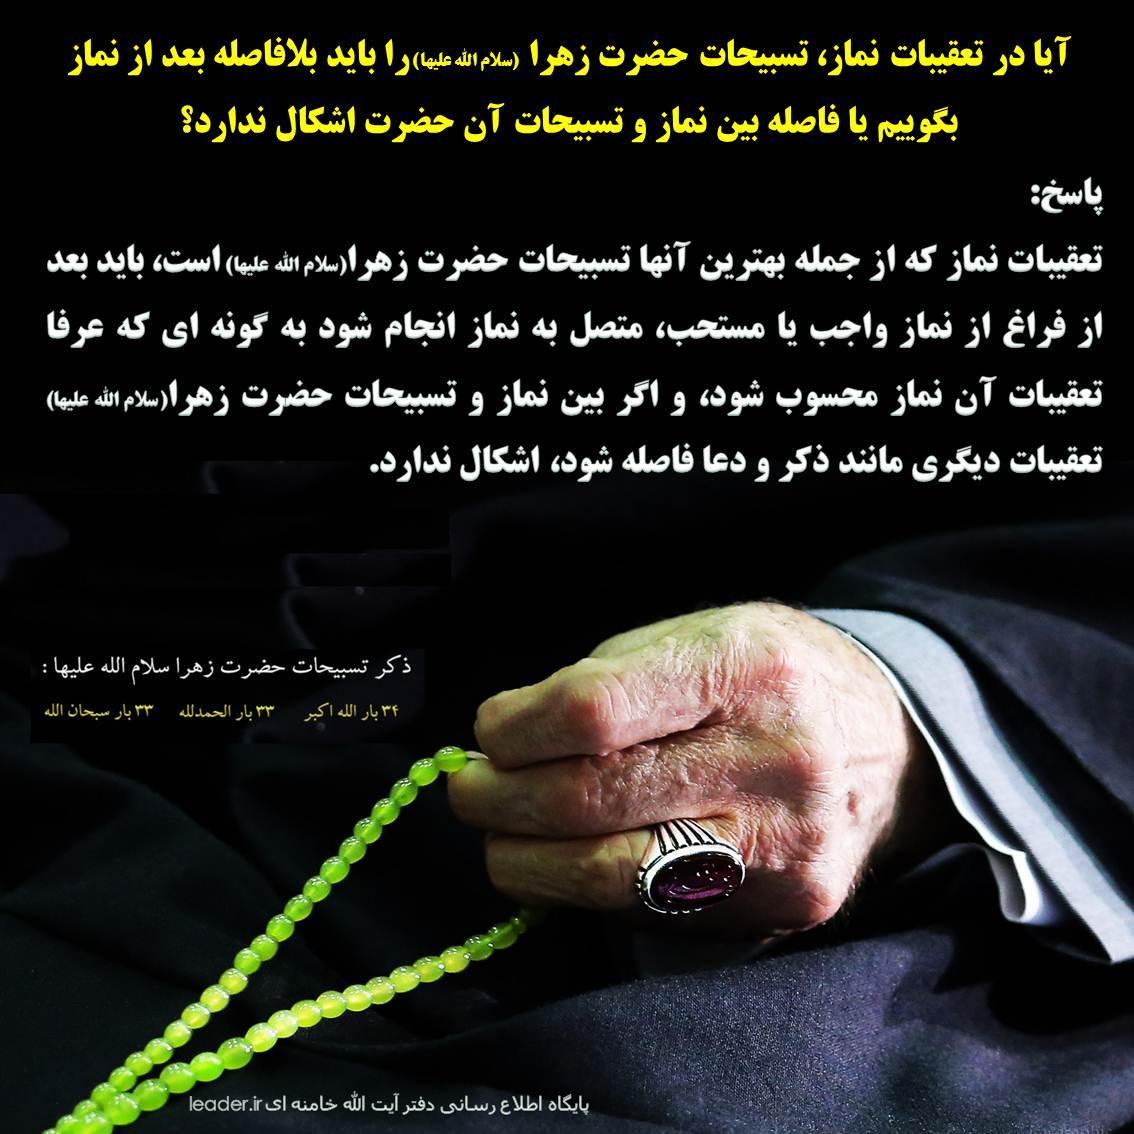 تسبیحات حضرت زهرا(سلام الله علیها)